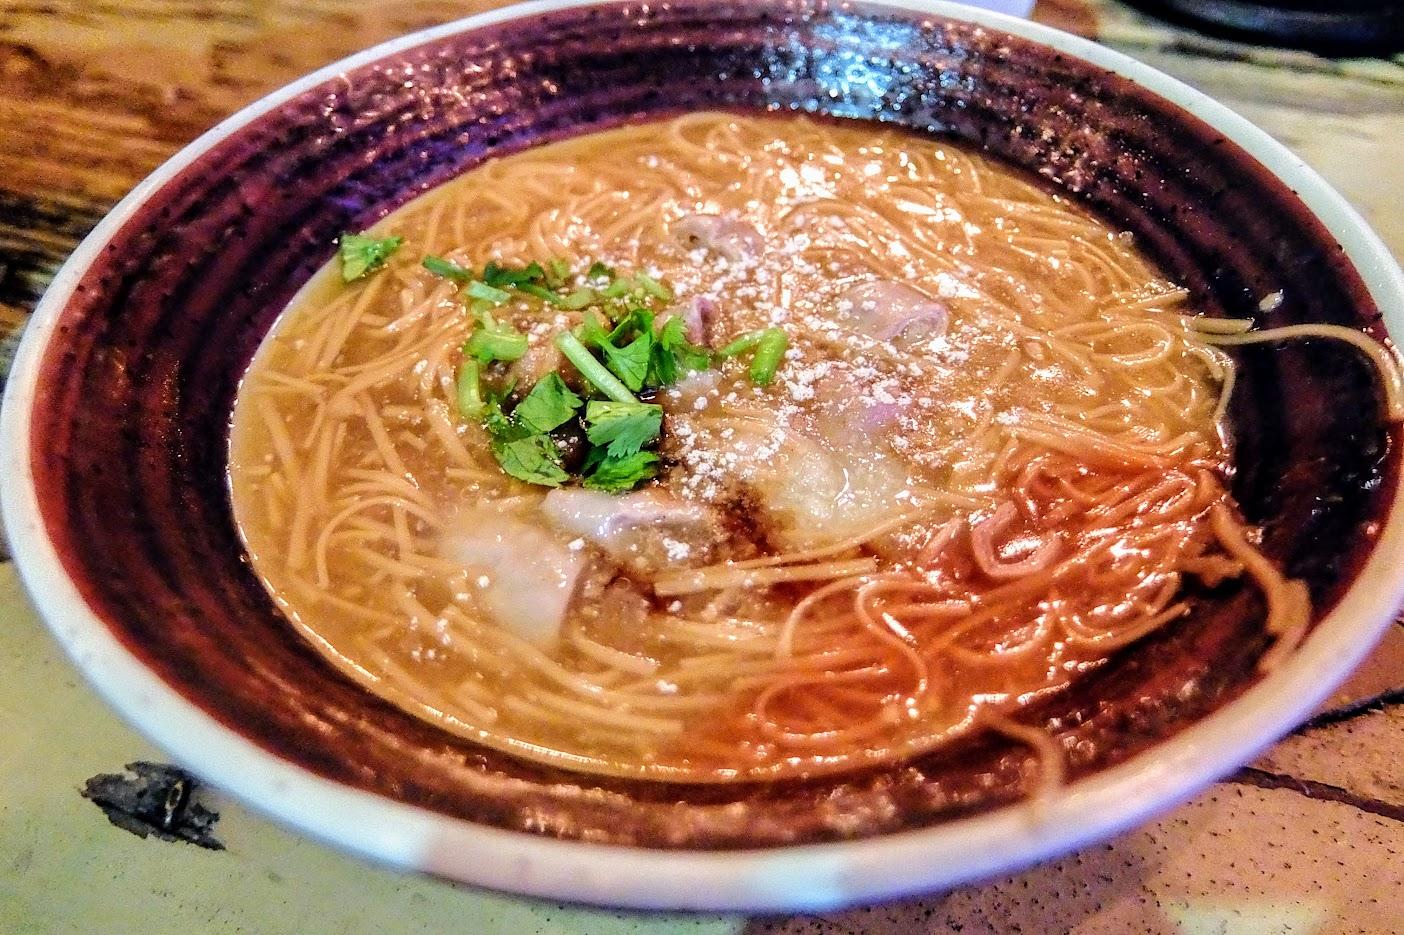 麵線糊,上頭有大腸喔! 是紅麵線,略帶點甜味的湯頭...